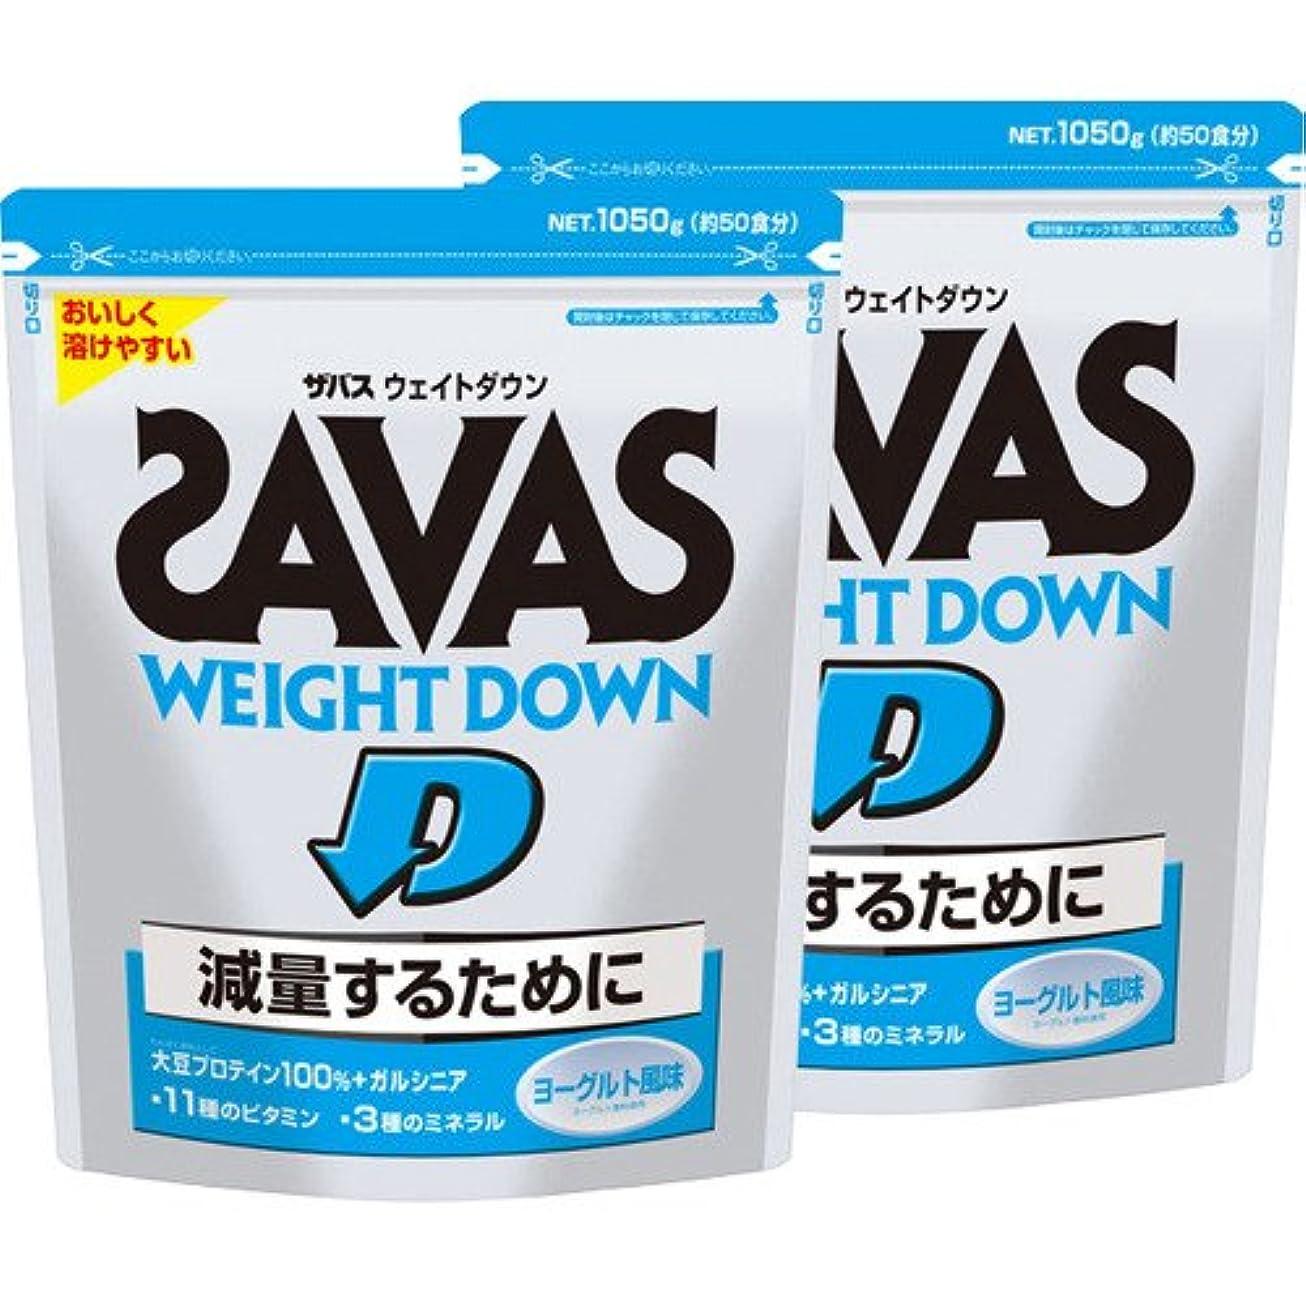 王子祝福する原因【セット販売】ザバス ウェイトダウン ヨーグルト風味 1050g×2袋